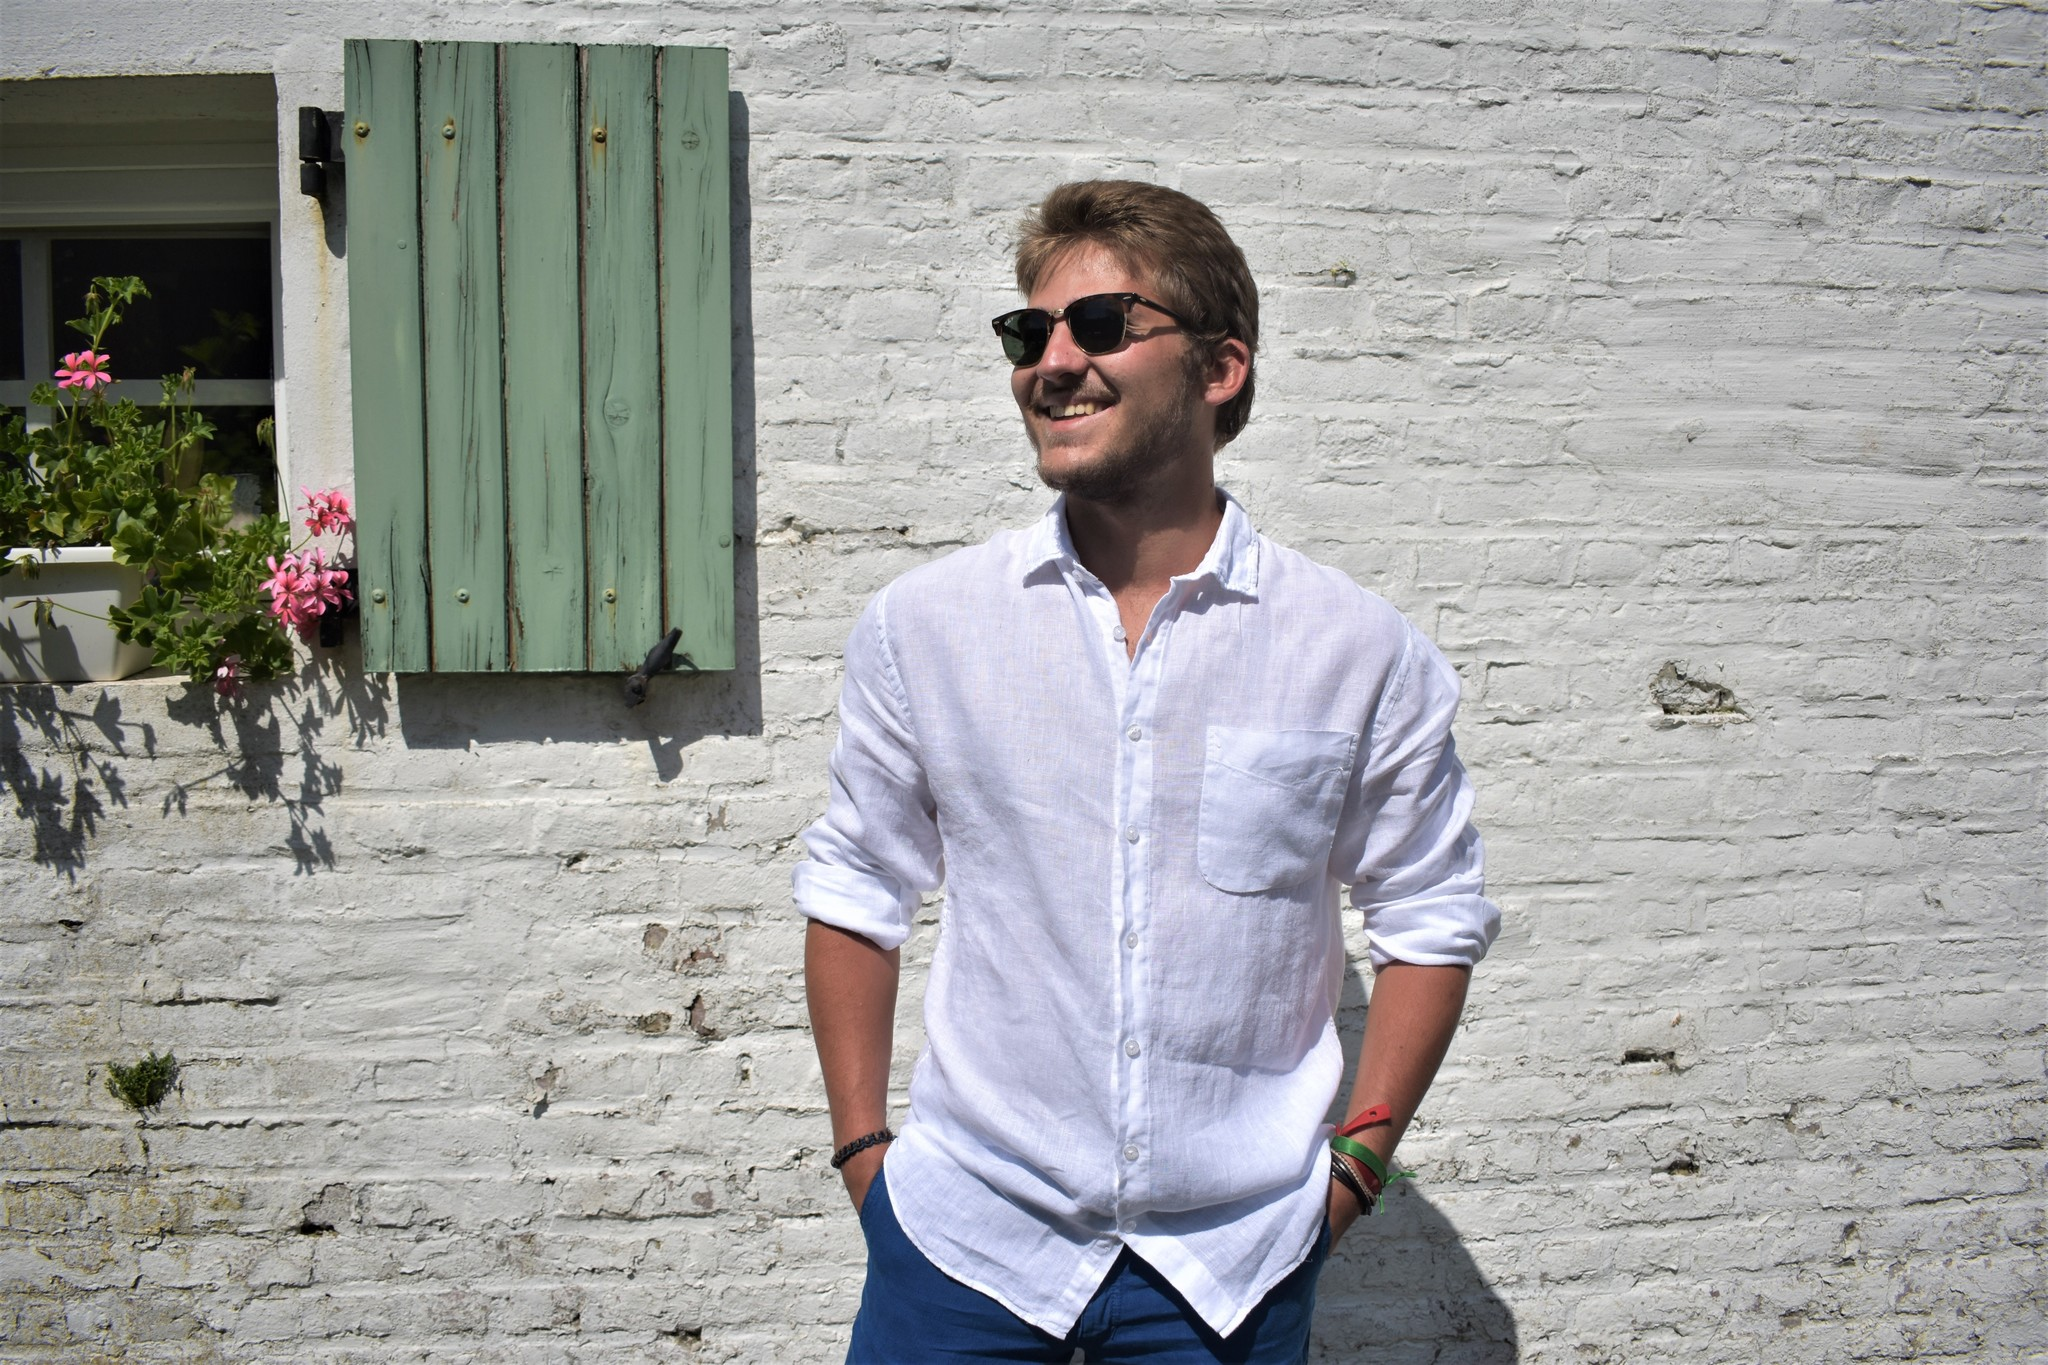 Le grenier du lin White long sleeved shirt